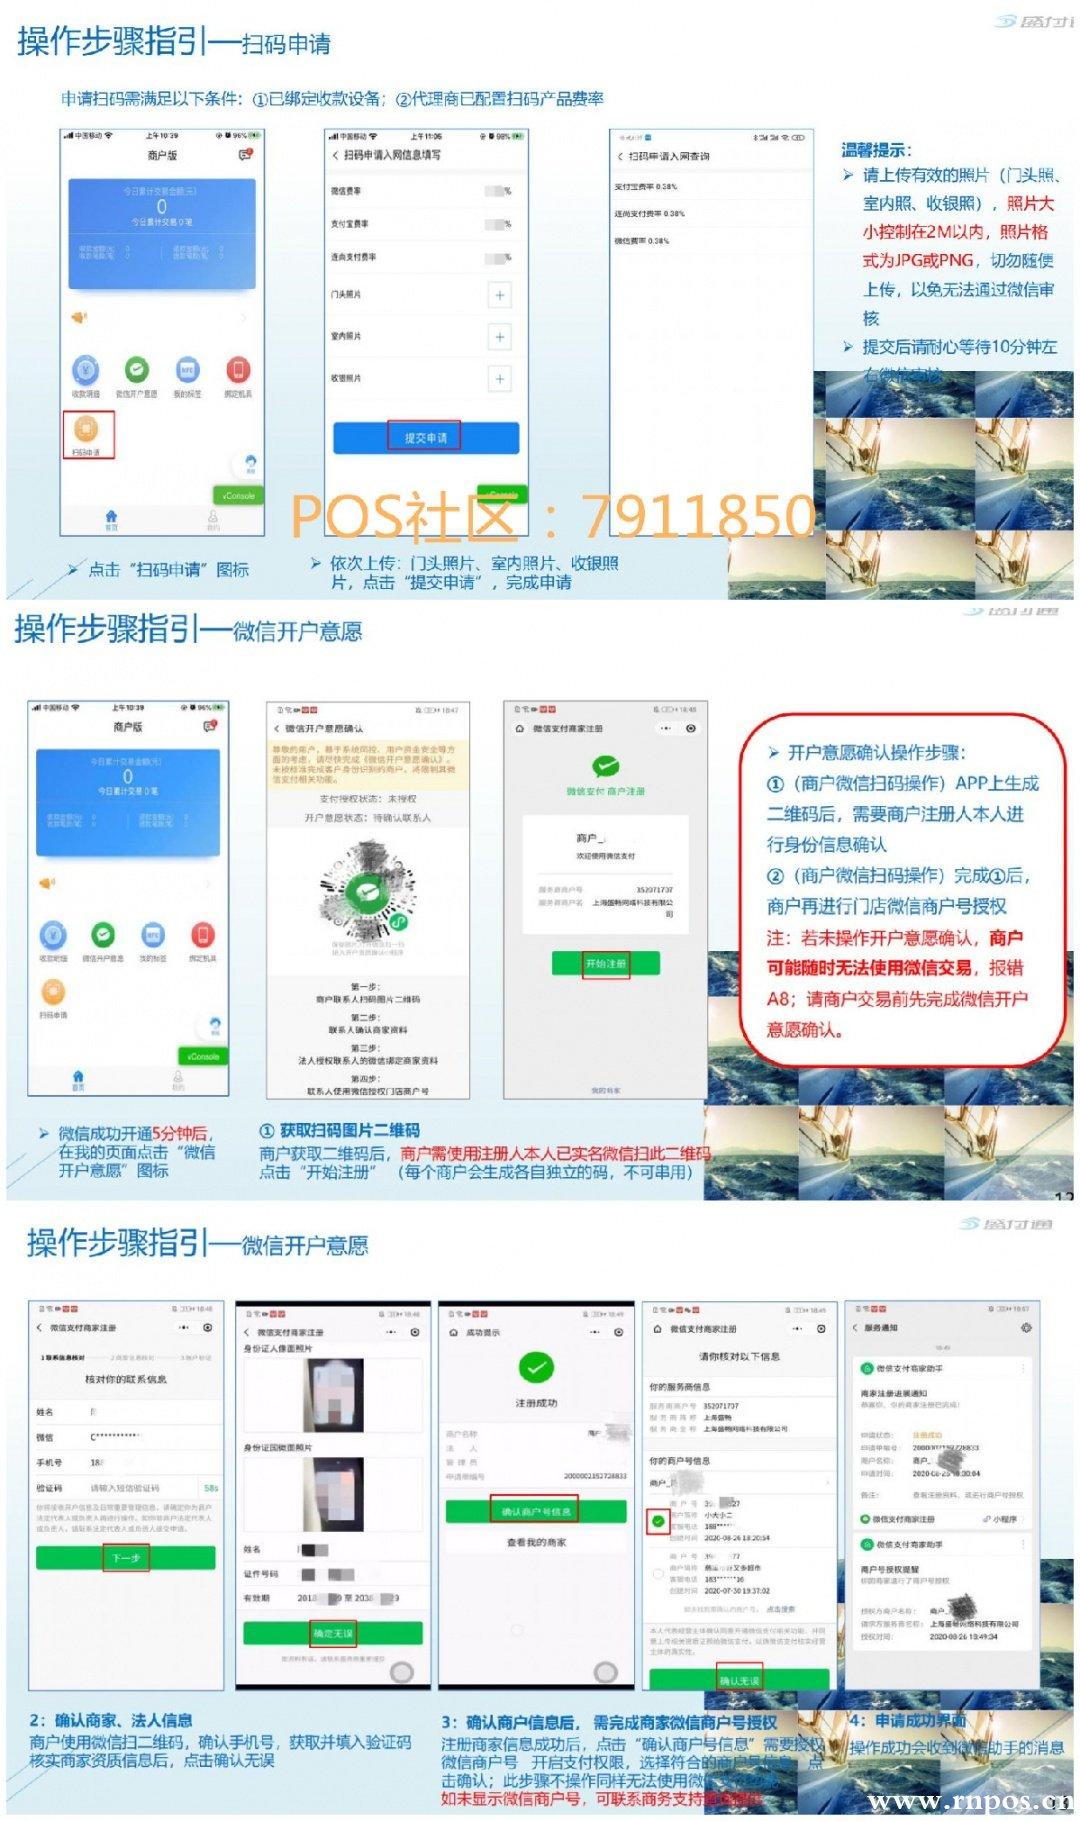 盛付通4G电签机扫码申请流程